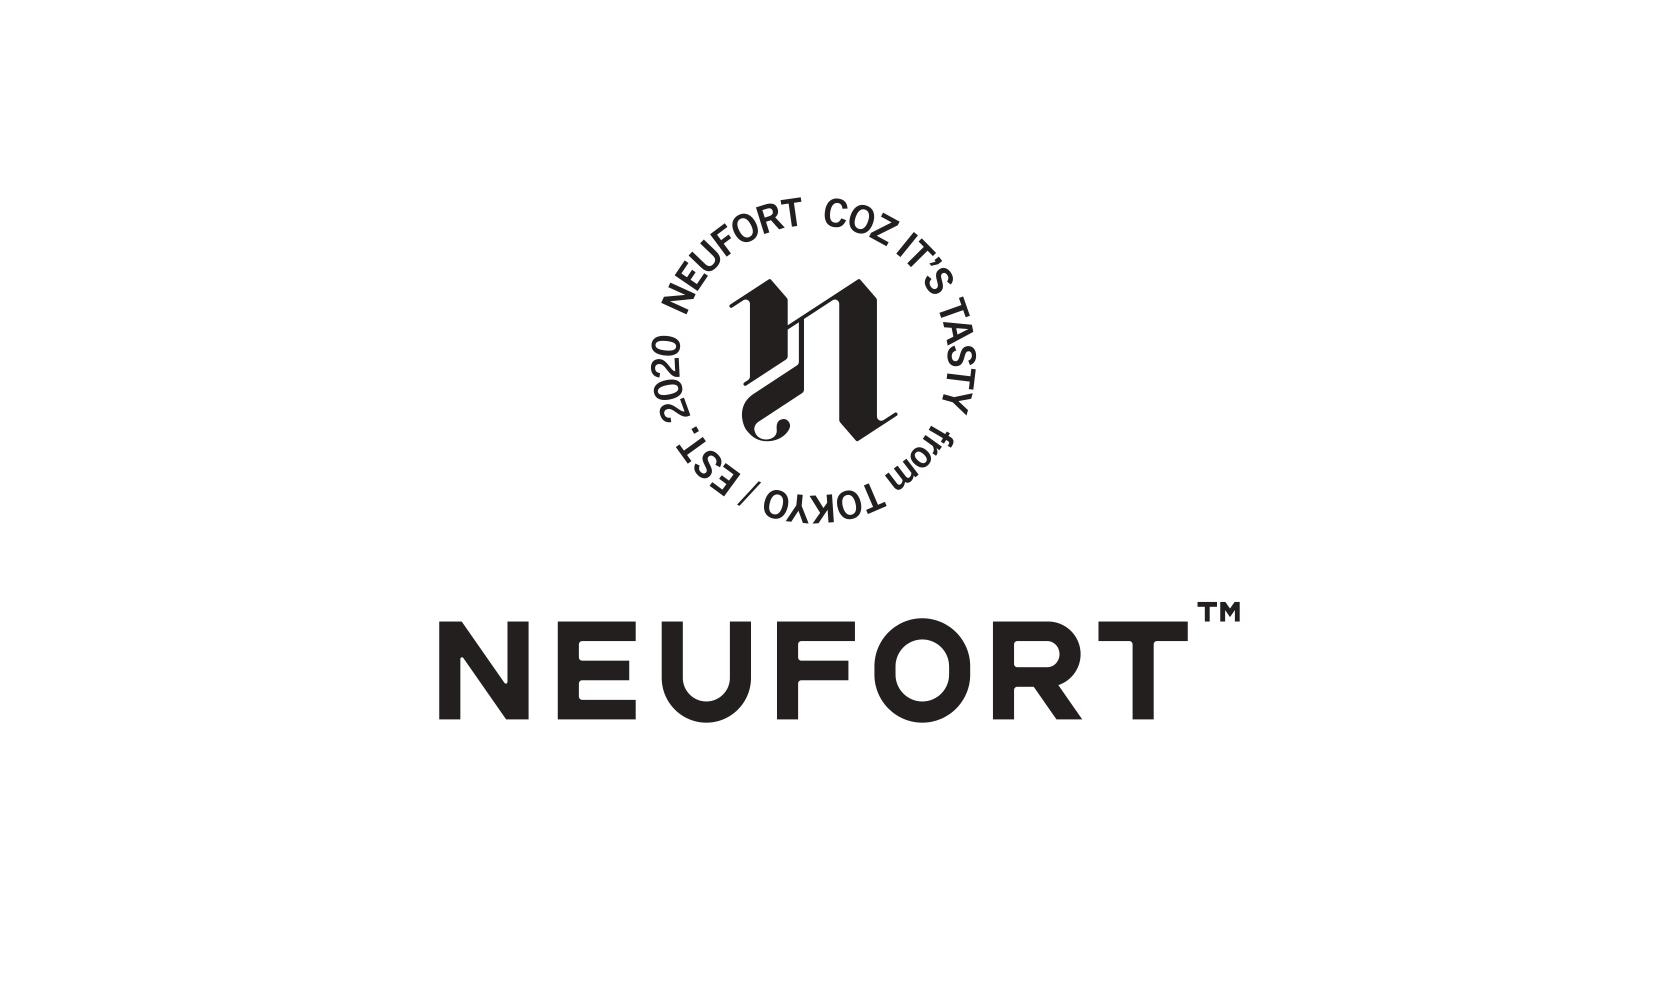 neufort_01